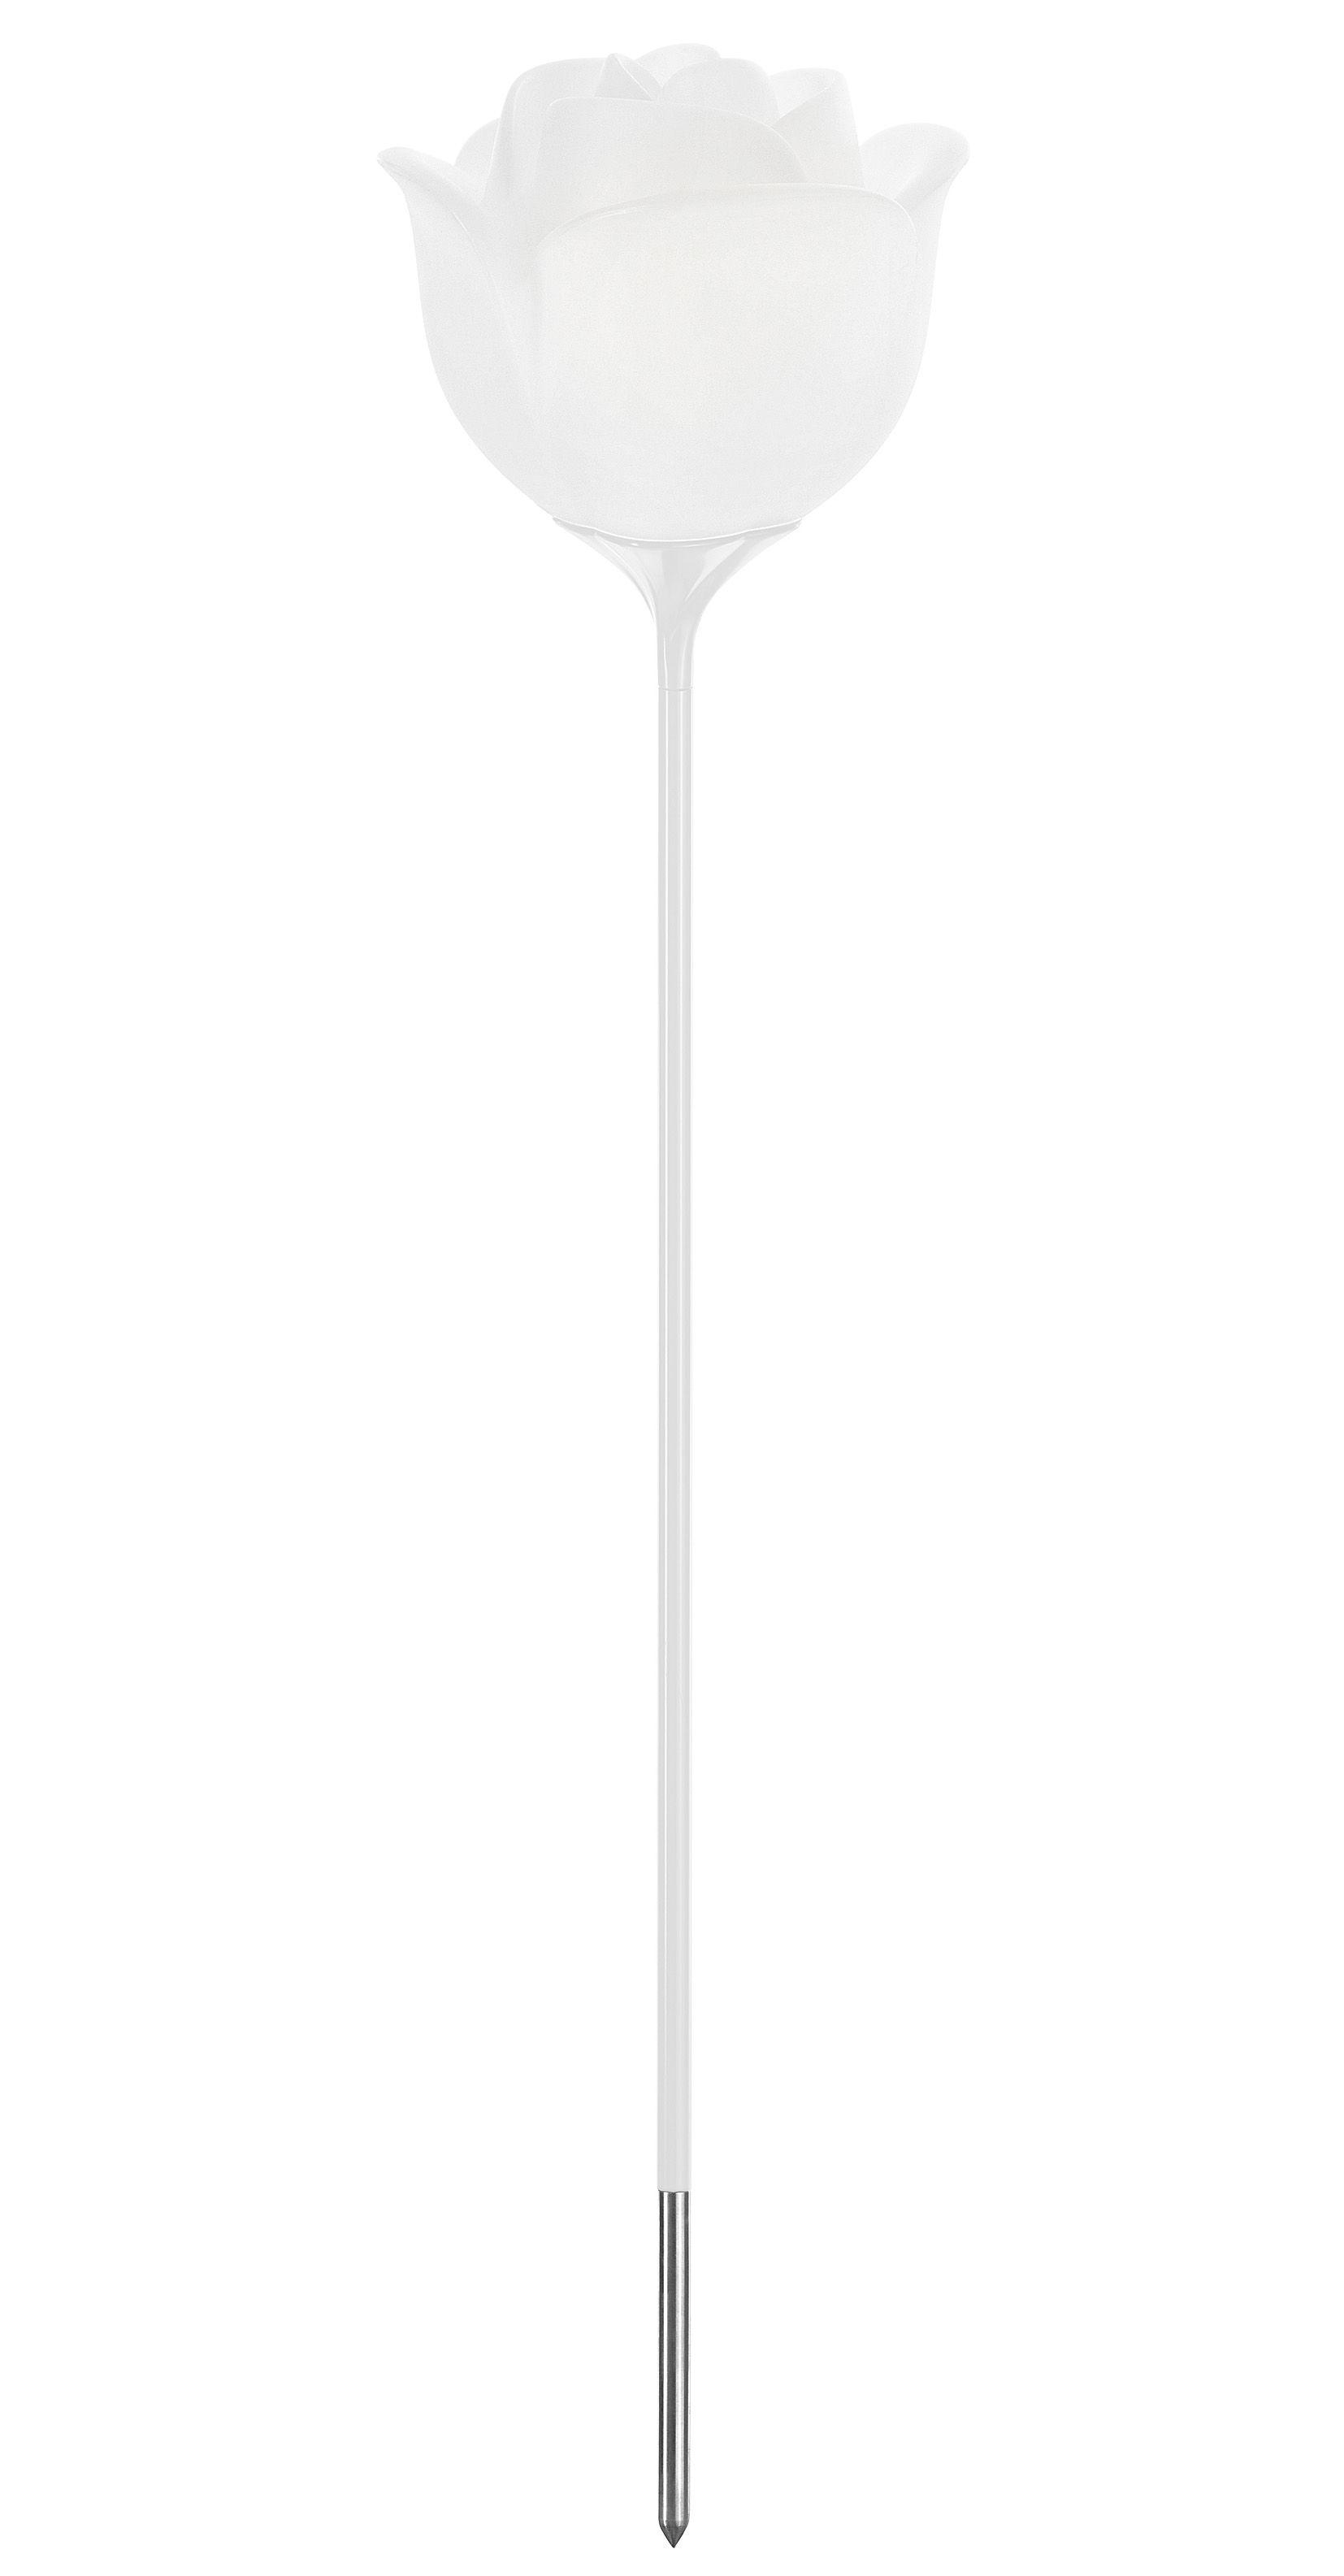 Illuminazione - Illuminazione da esterni - Lampada a stelo Baby love - da piantare / H 182 cm di MyYour - Trasparente / Bianco - Poleasy